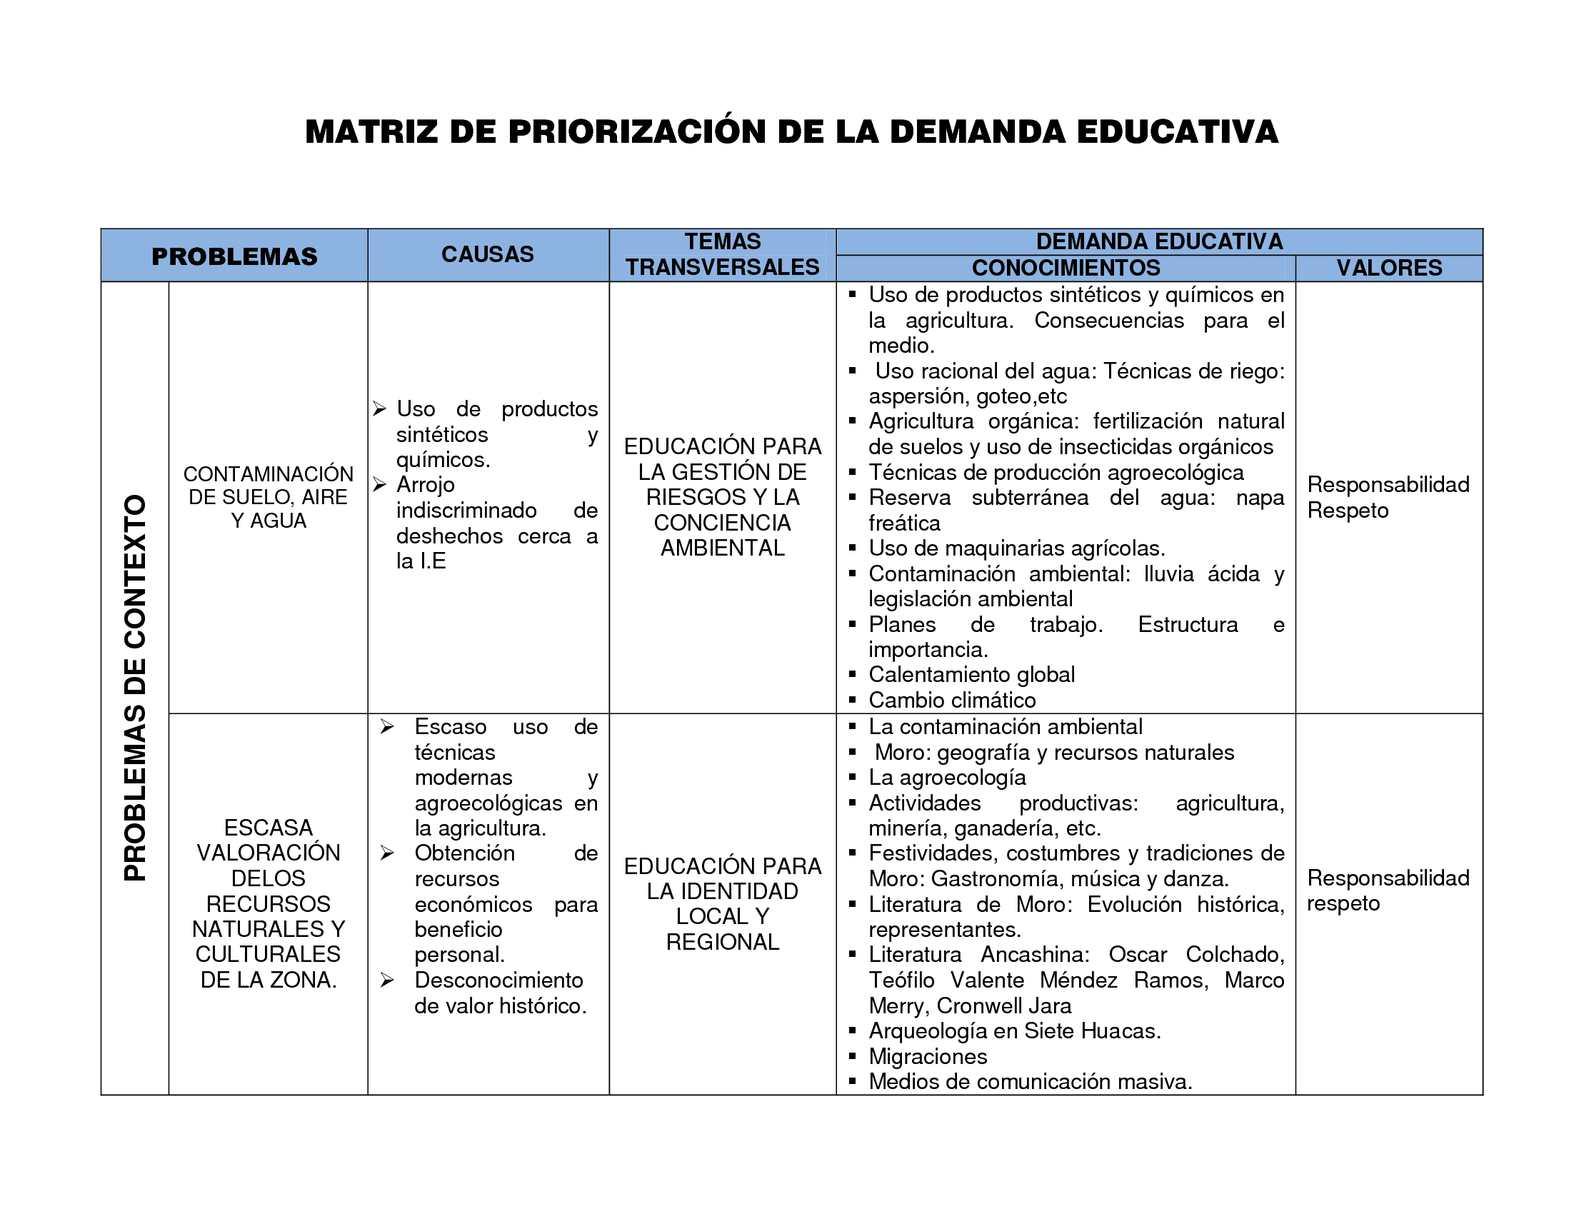 Calam o matriz de priorizaci n de la demanda educativa for Partes de un vivero forestal